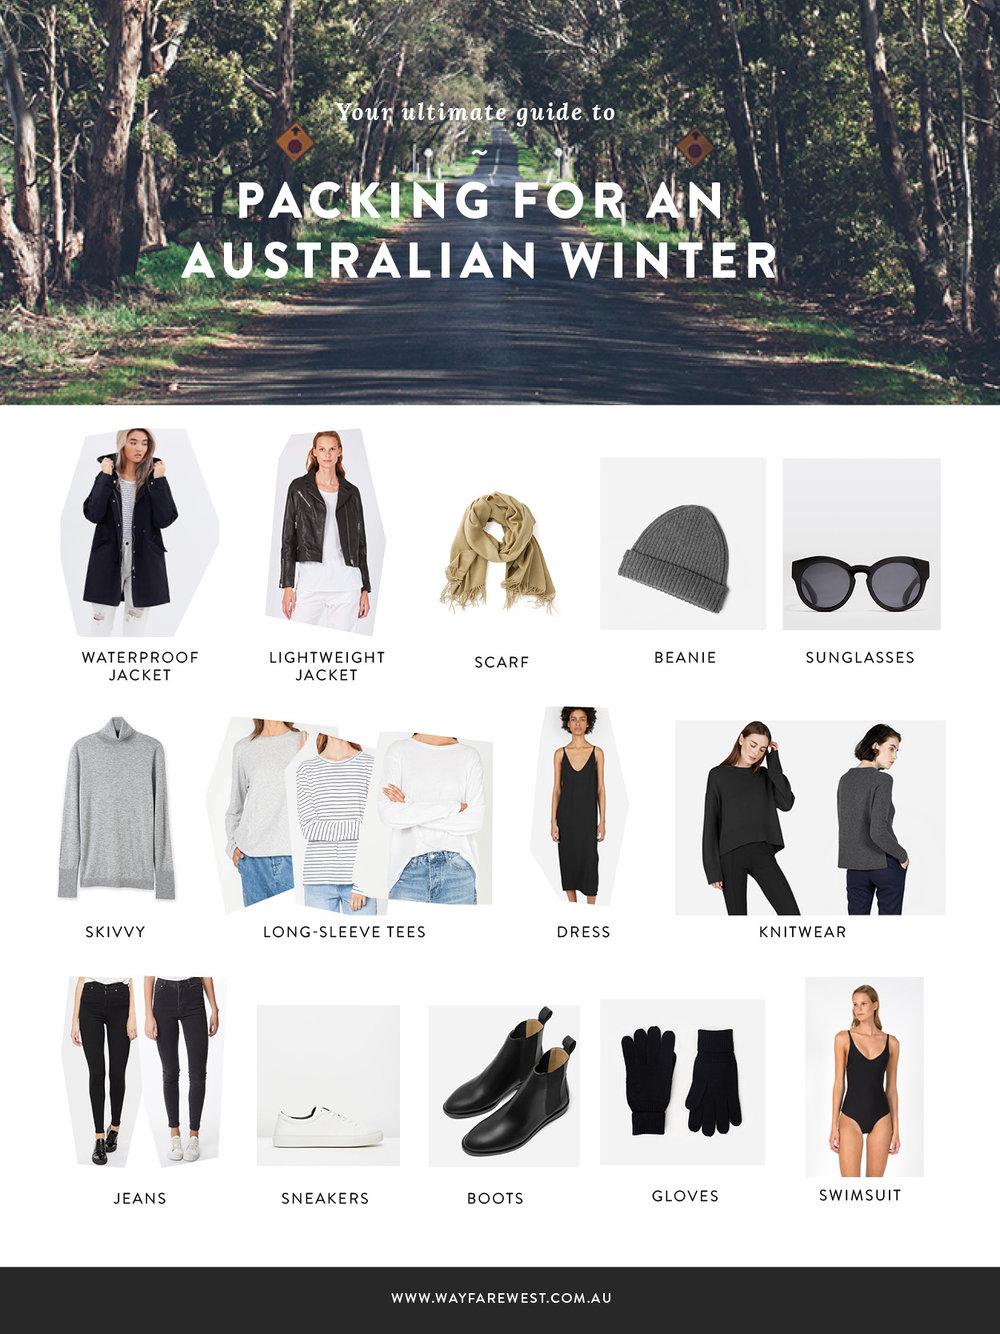 Packing for an Australian summer